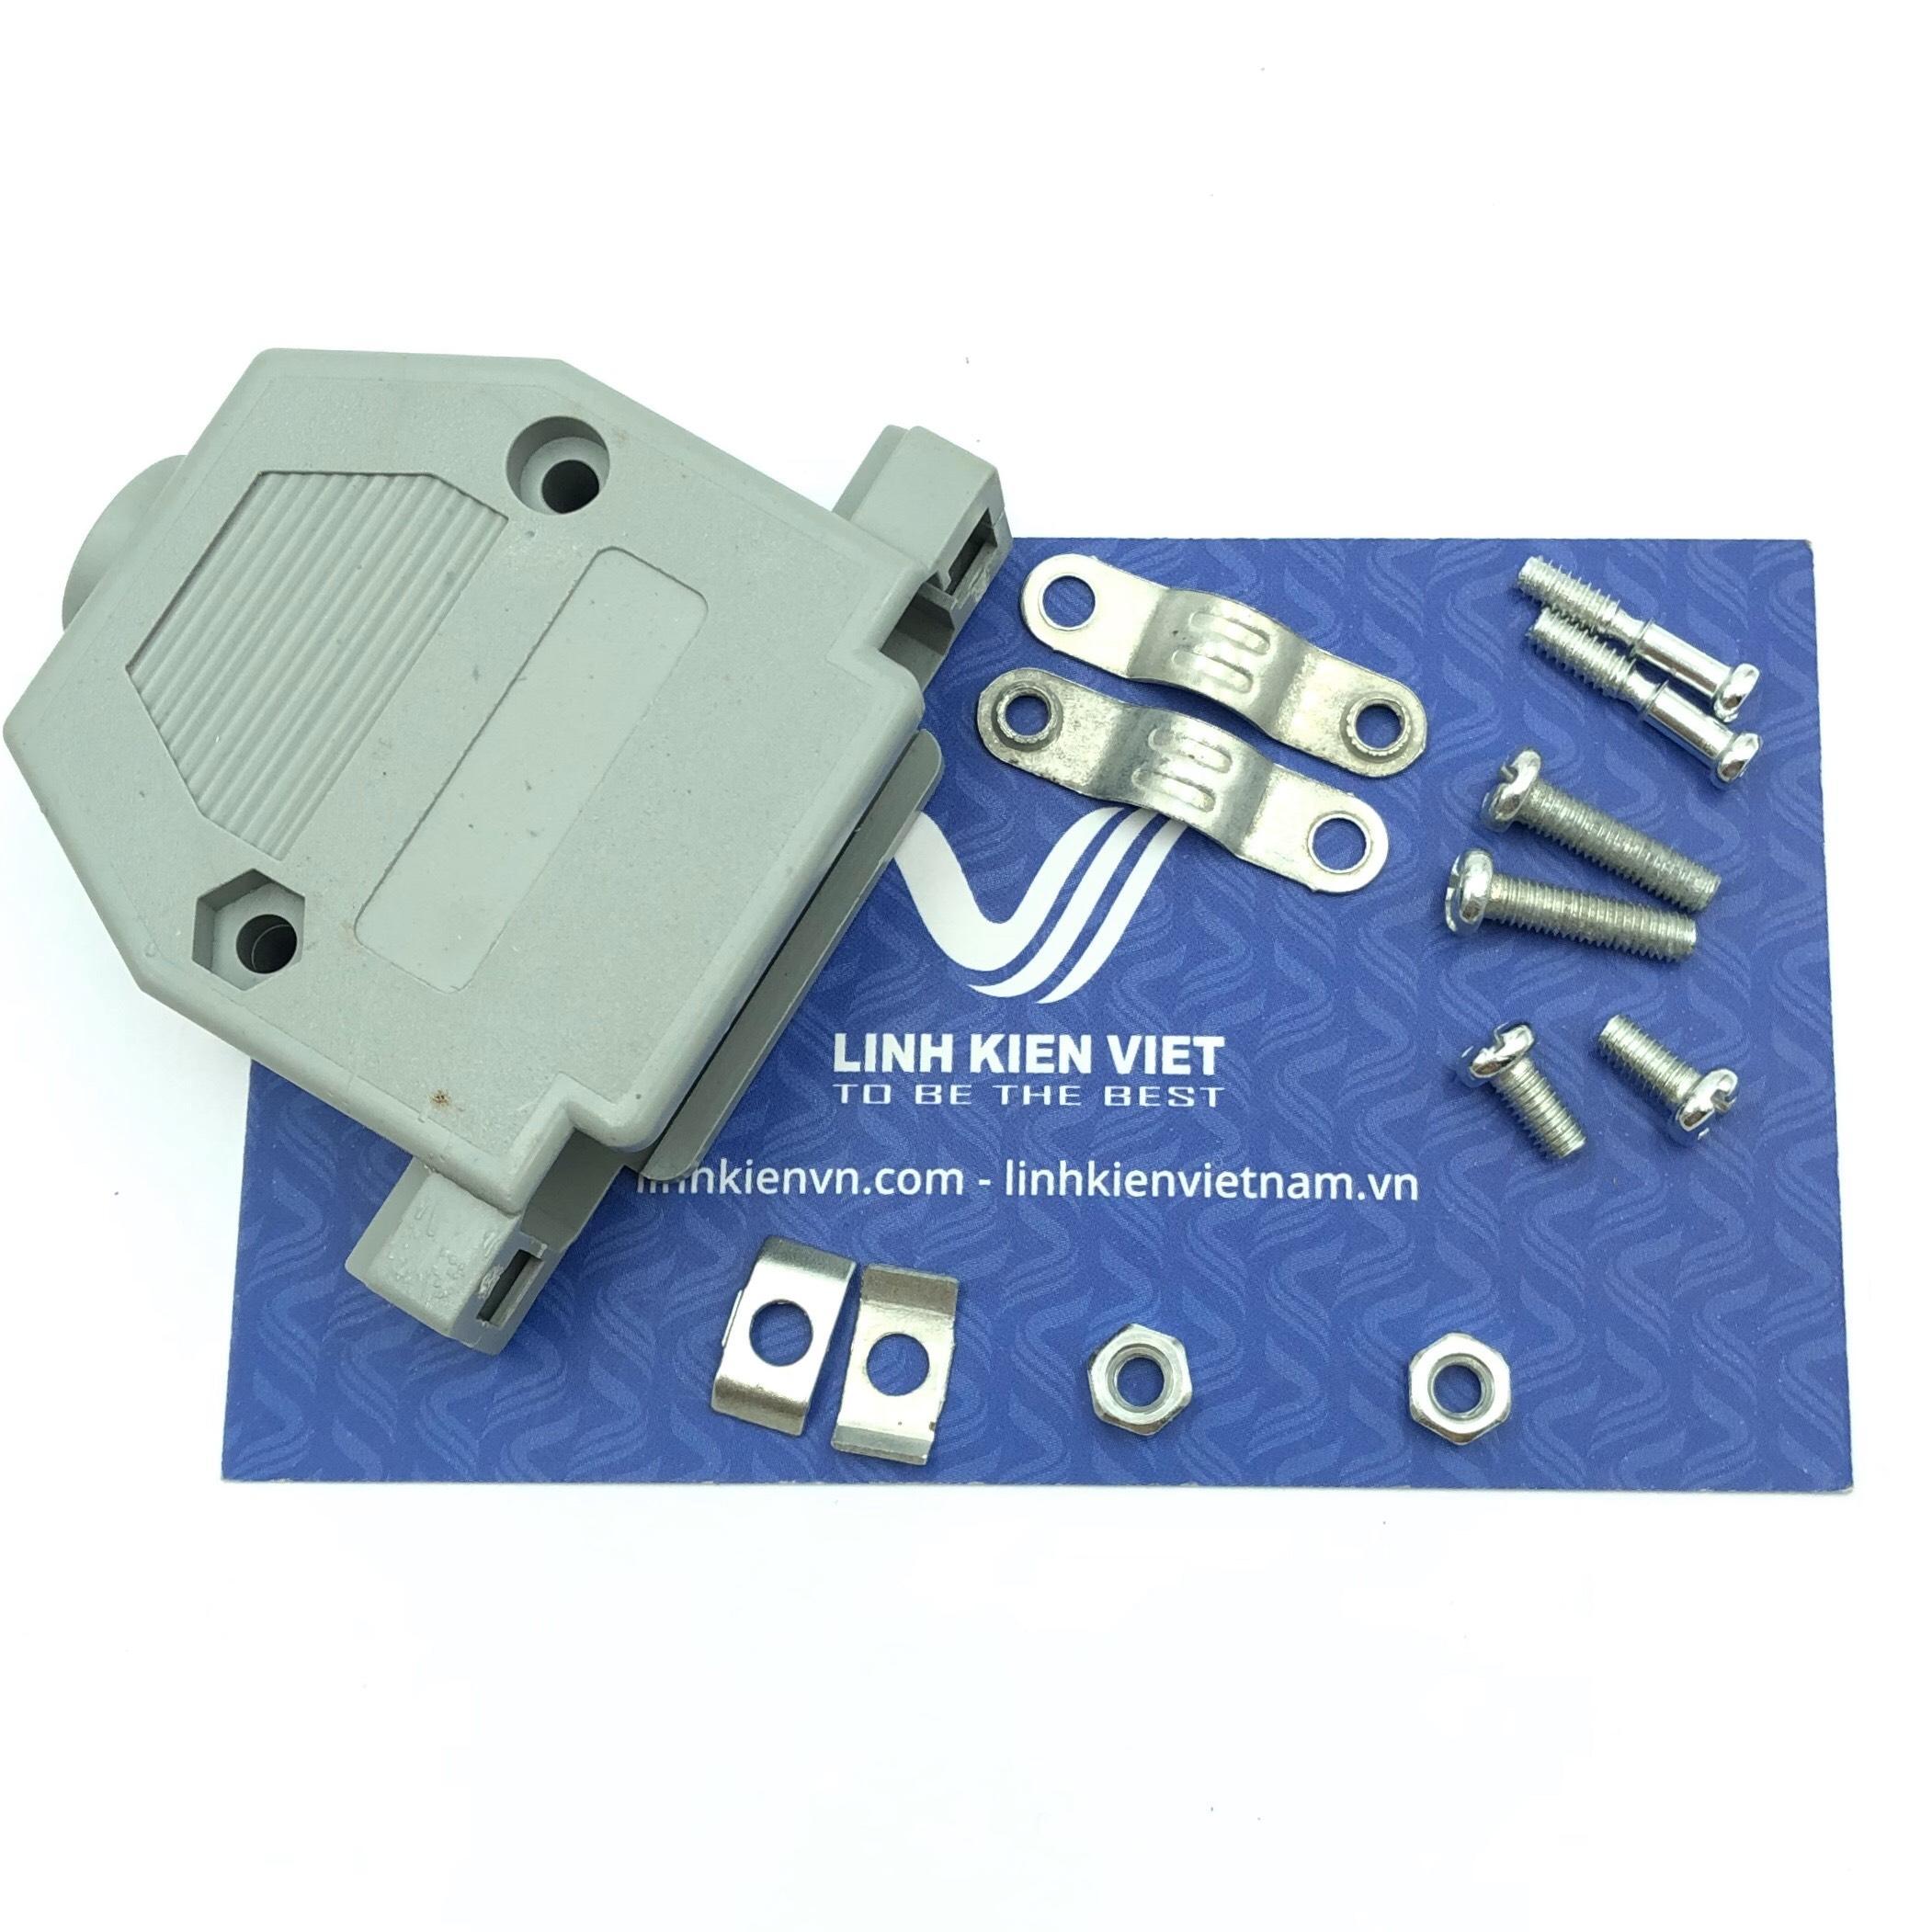 Vỏ DB25 / Vỏ Cổng COM DB25 Nhựa - S3H23